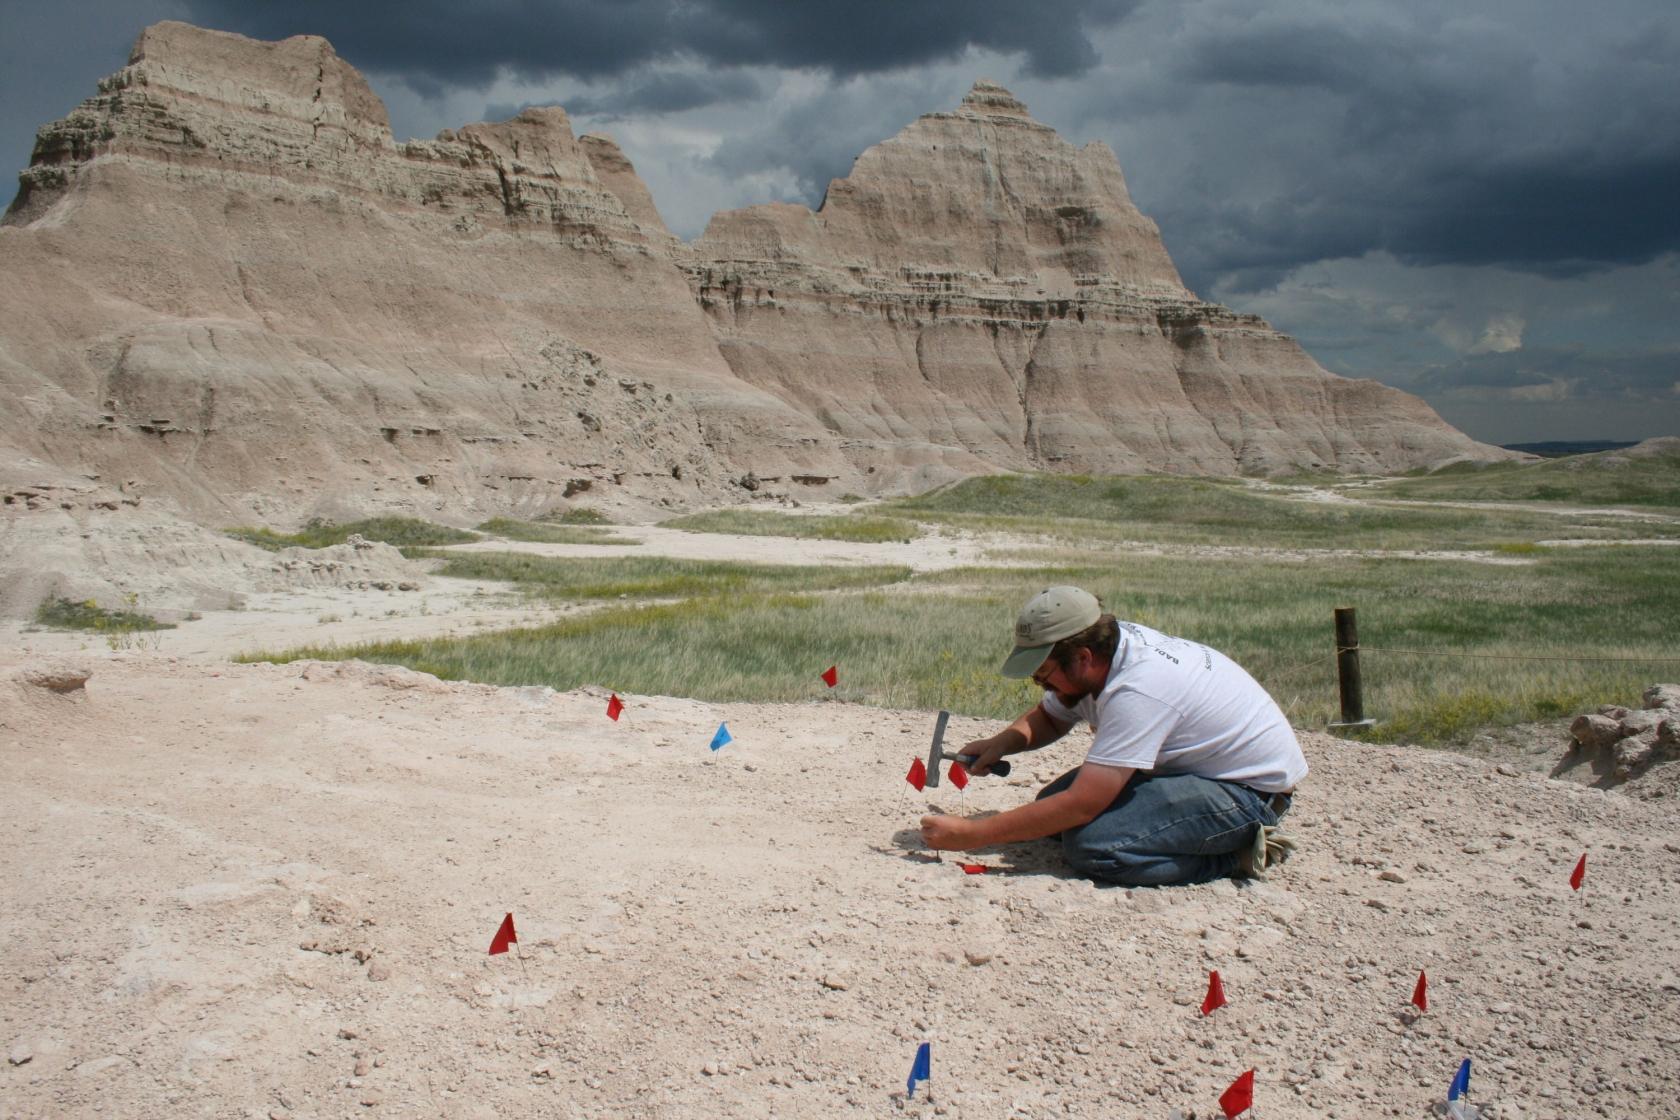 Paleontólogo del sitio de excavación Sabre en el Parque Nacional Badlands